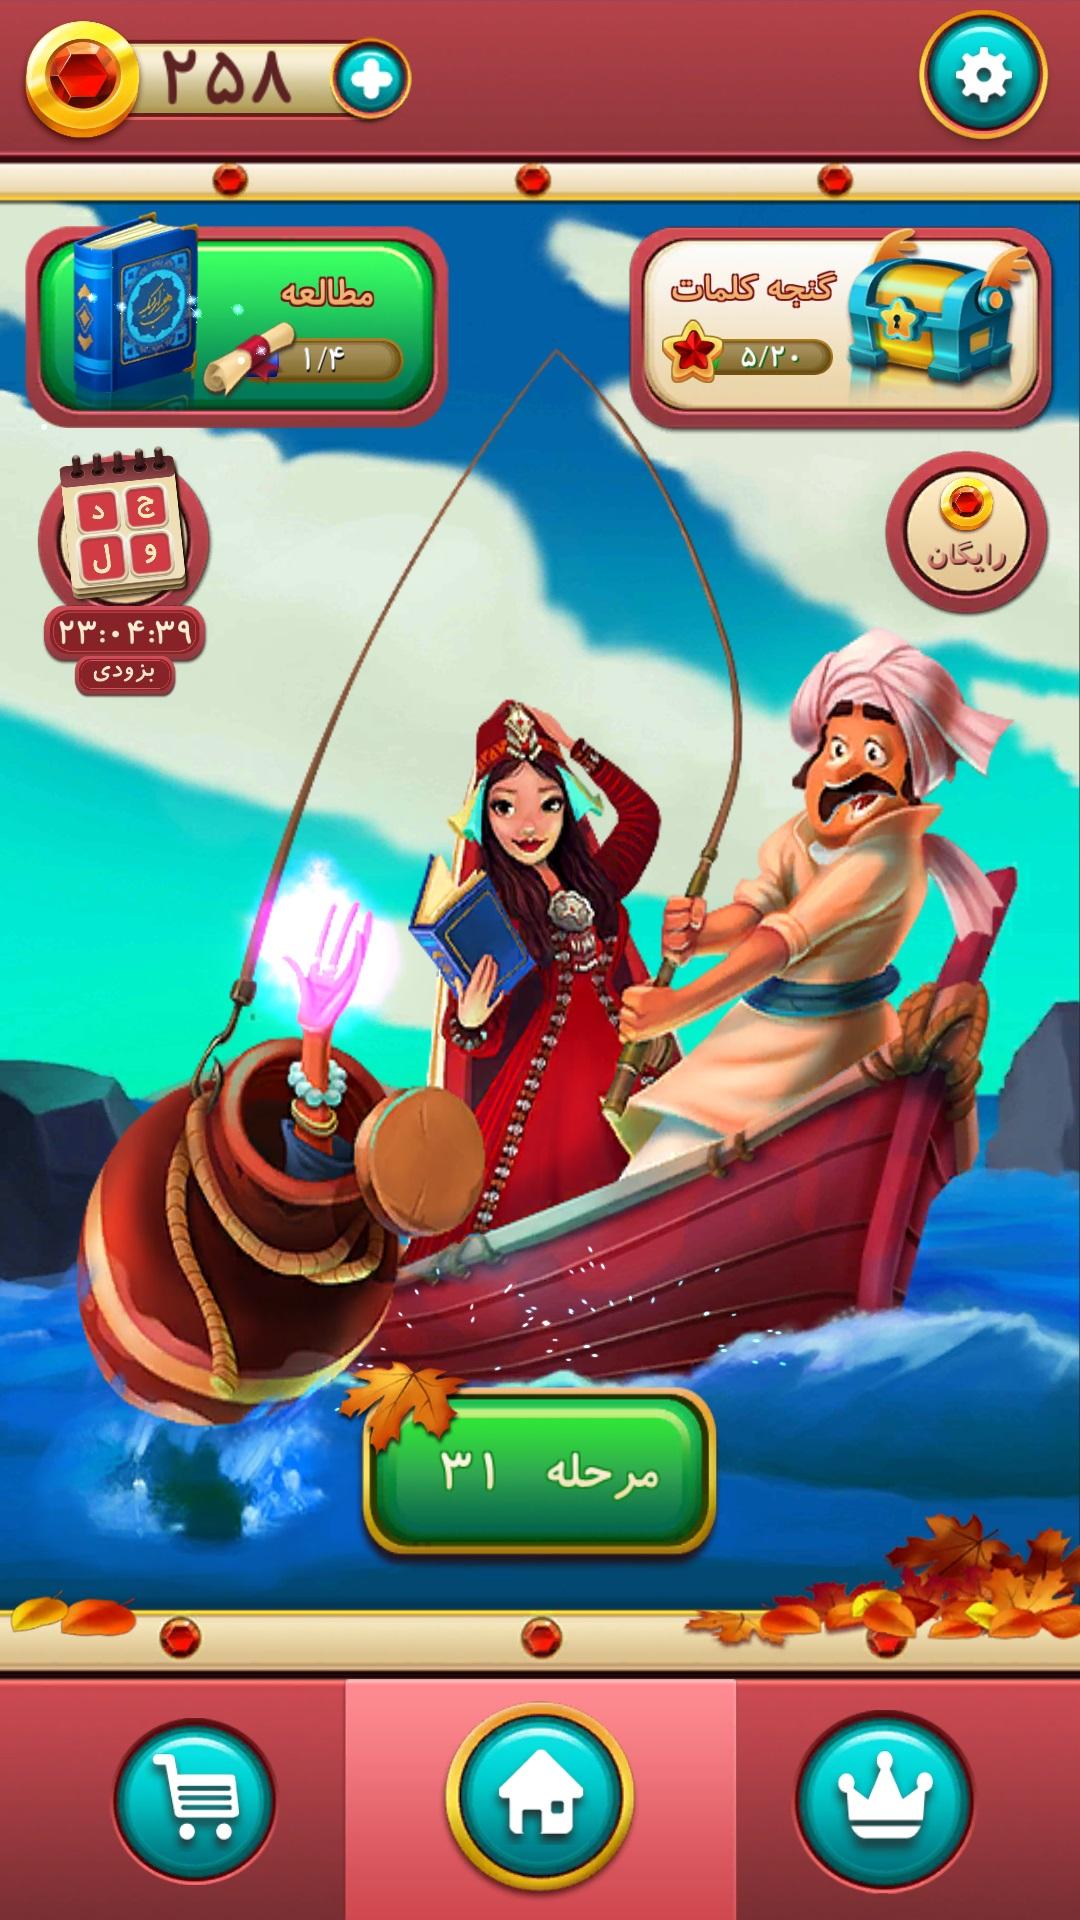 شهرزاد 1 - بررسی بازی «هزار افسان: شهزاد»؛ با حروف بازی کنید و افسانه بخوانید